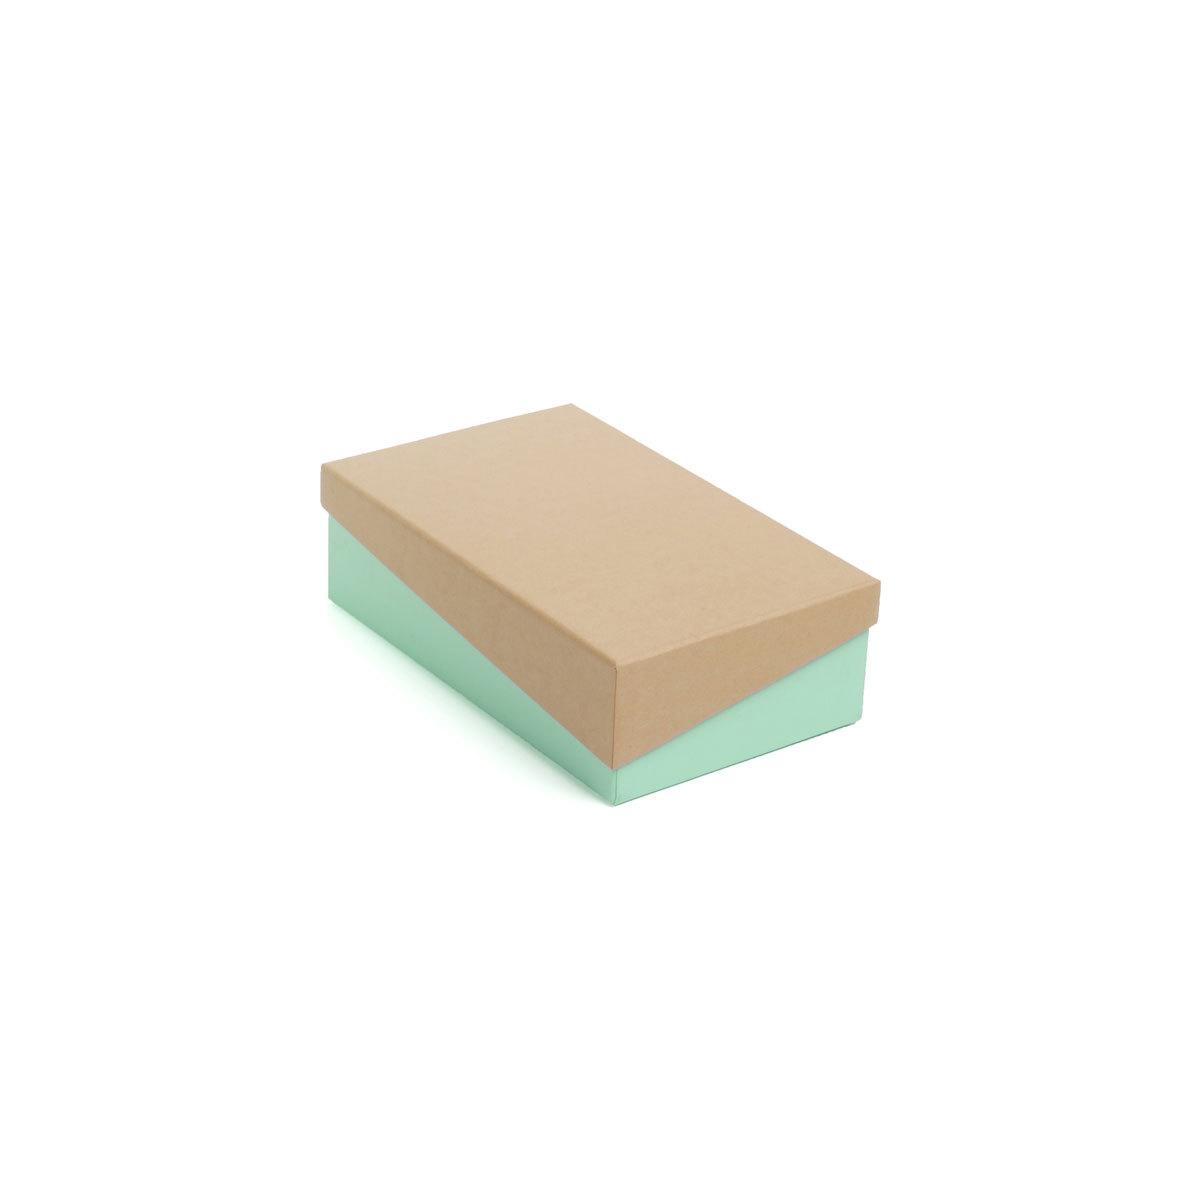 l 39 atelier pierre bo te de rangement nordic petit mod le vert rangement jouet l 39 atelier. Black Bedroom Furniture Sets. Home Design Ideas